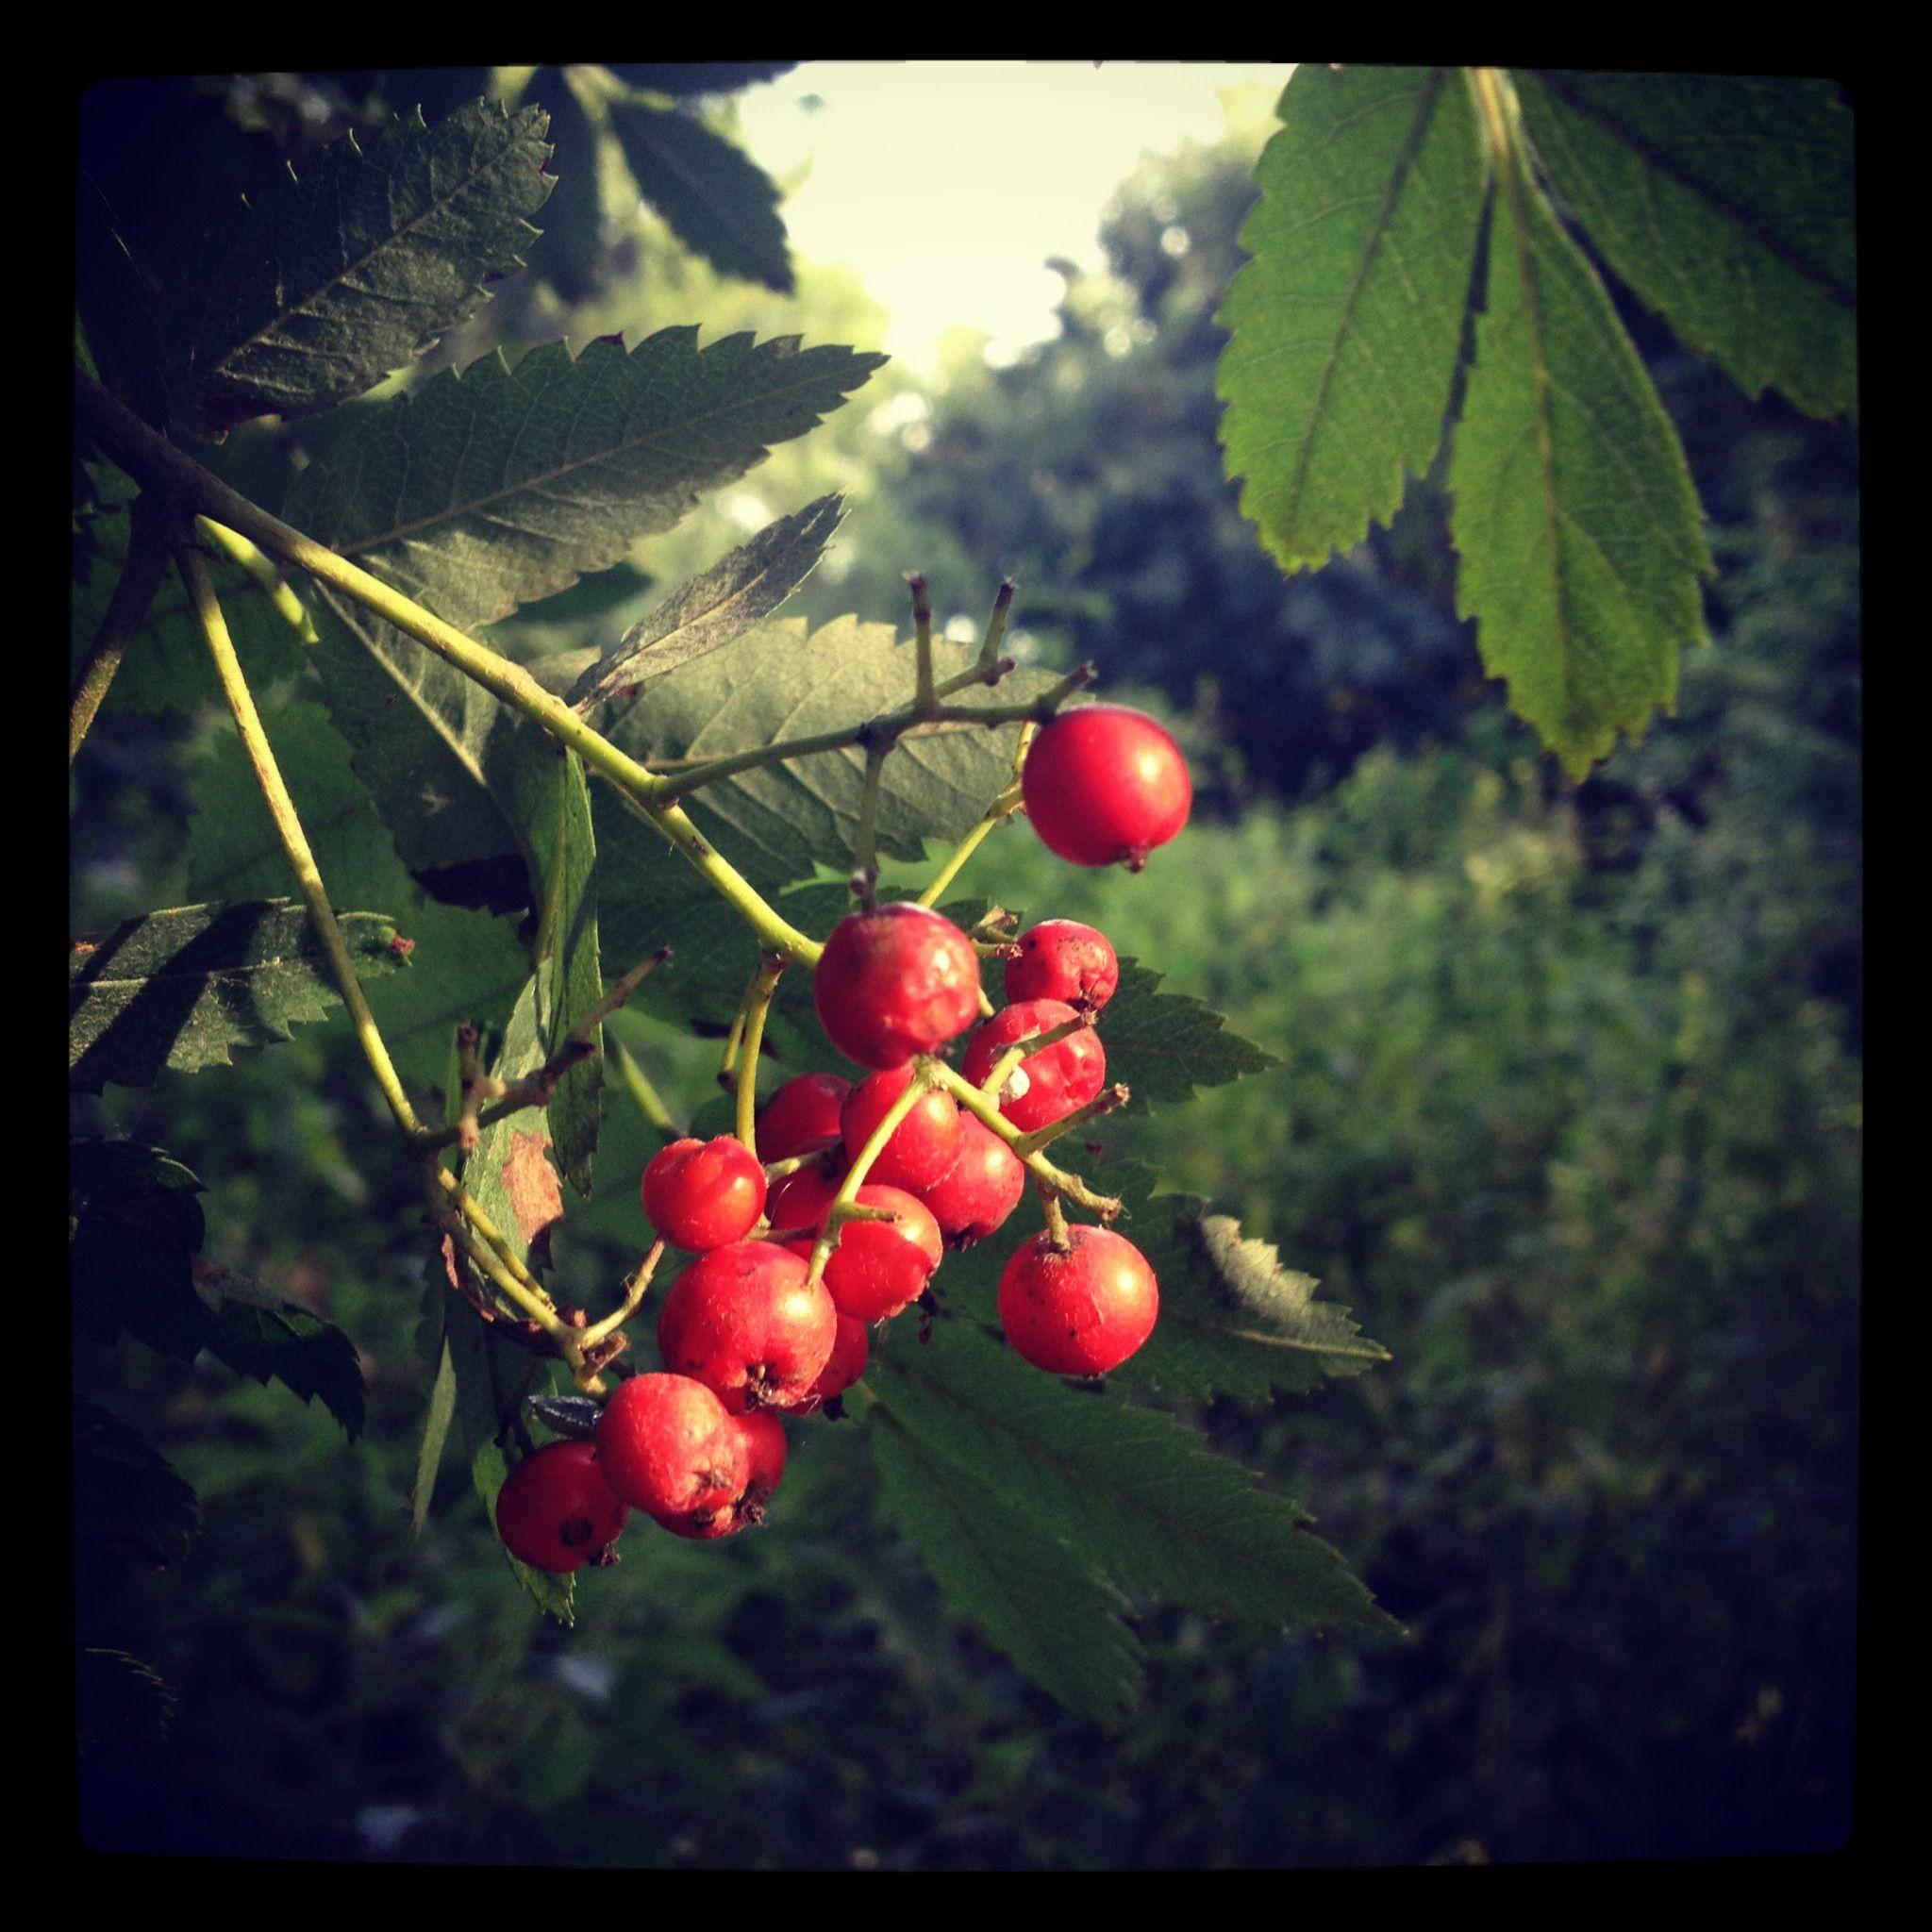 Twig & Berries ;)